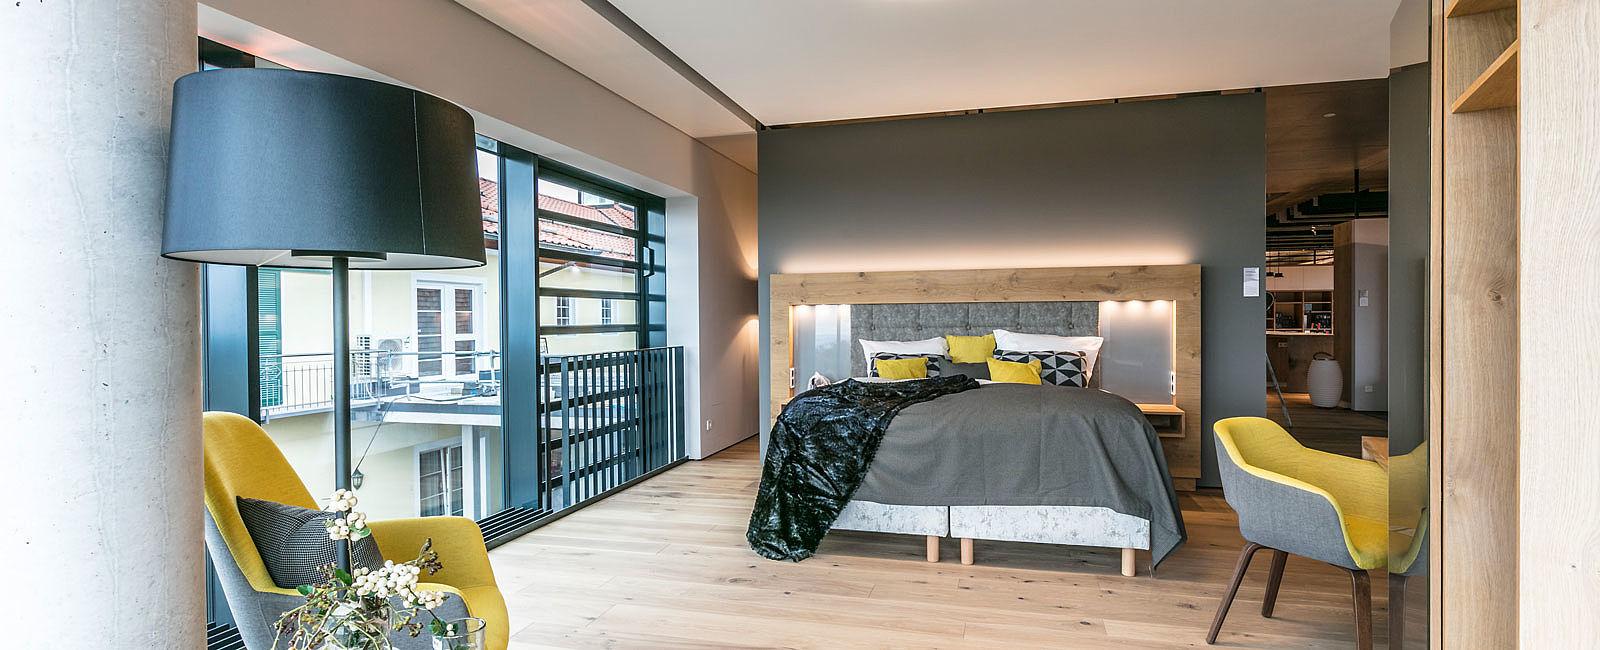 Relativ BAUR Wohnfaszination mit neuem Showroom - Connoisseur Circle News HW36